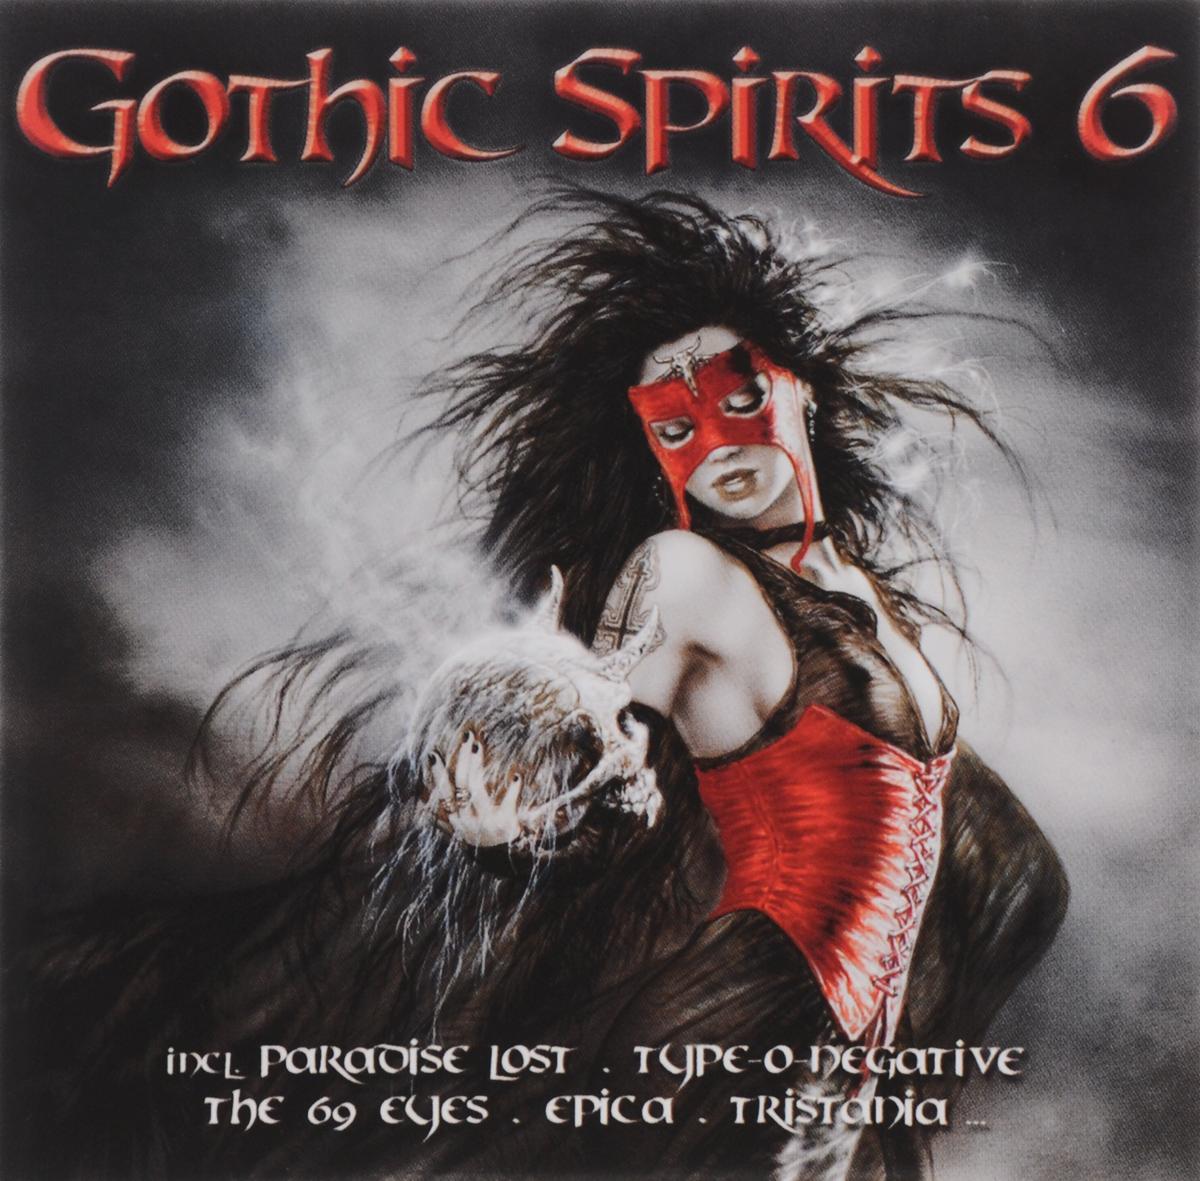 К изданию прилагается 4-страничный вкладыш со списком треков.